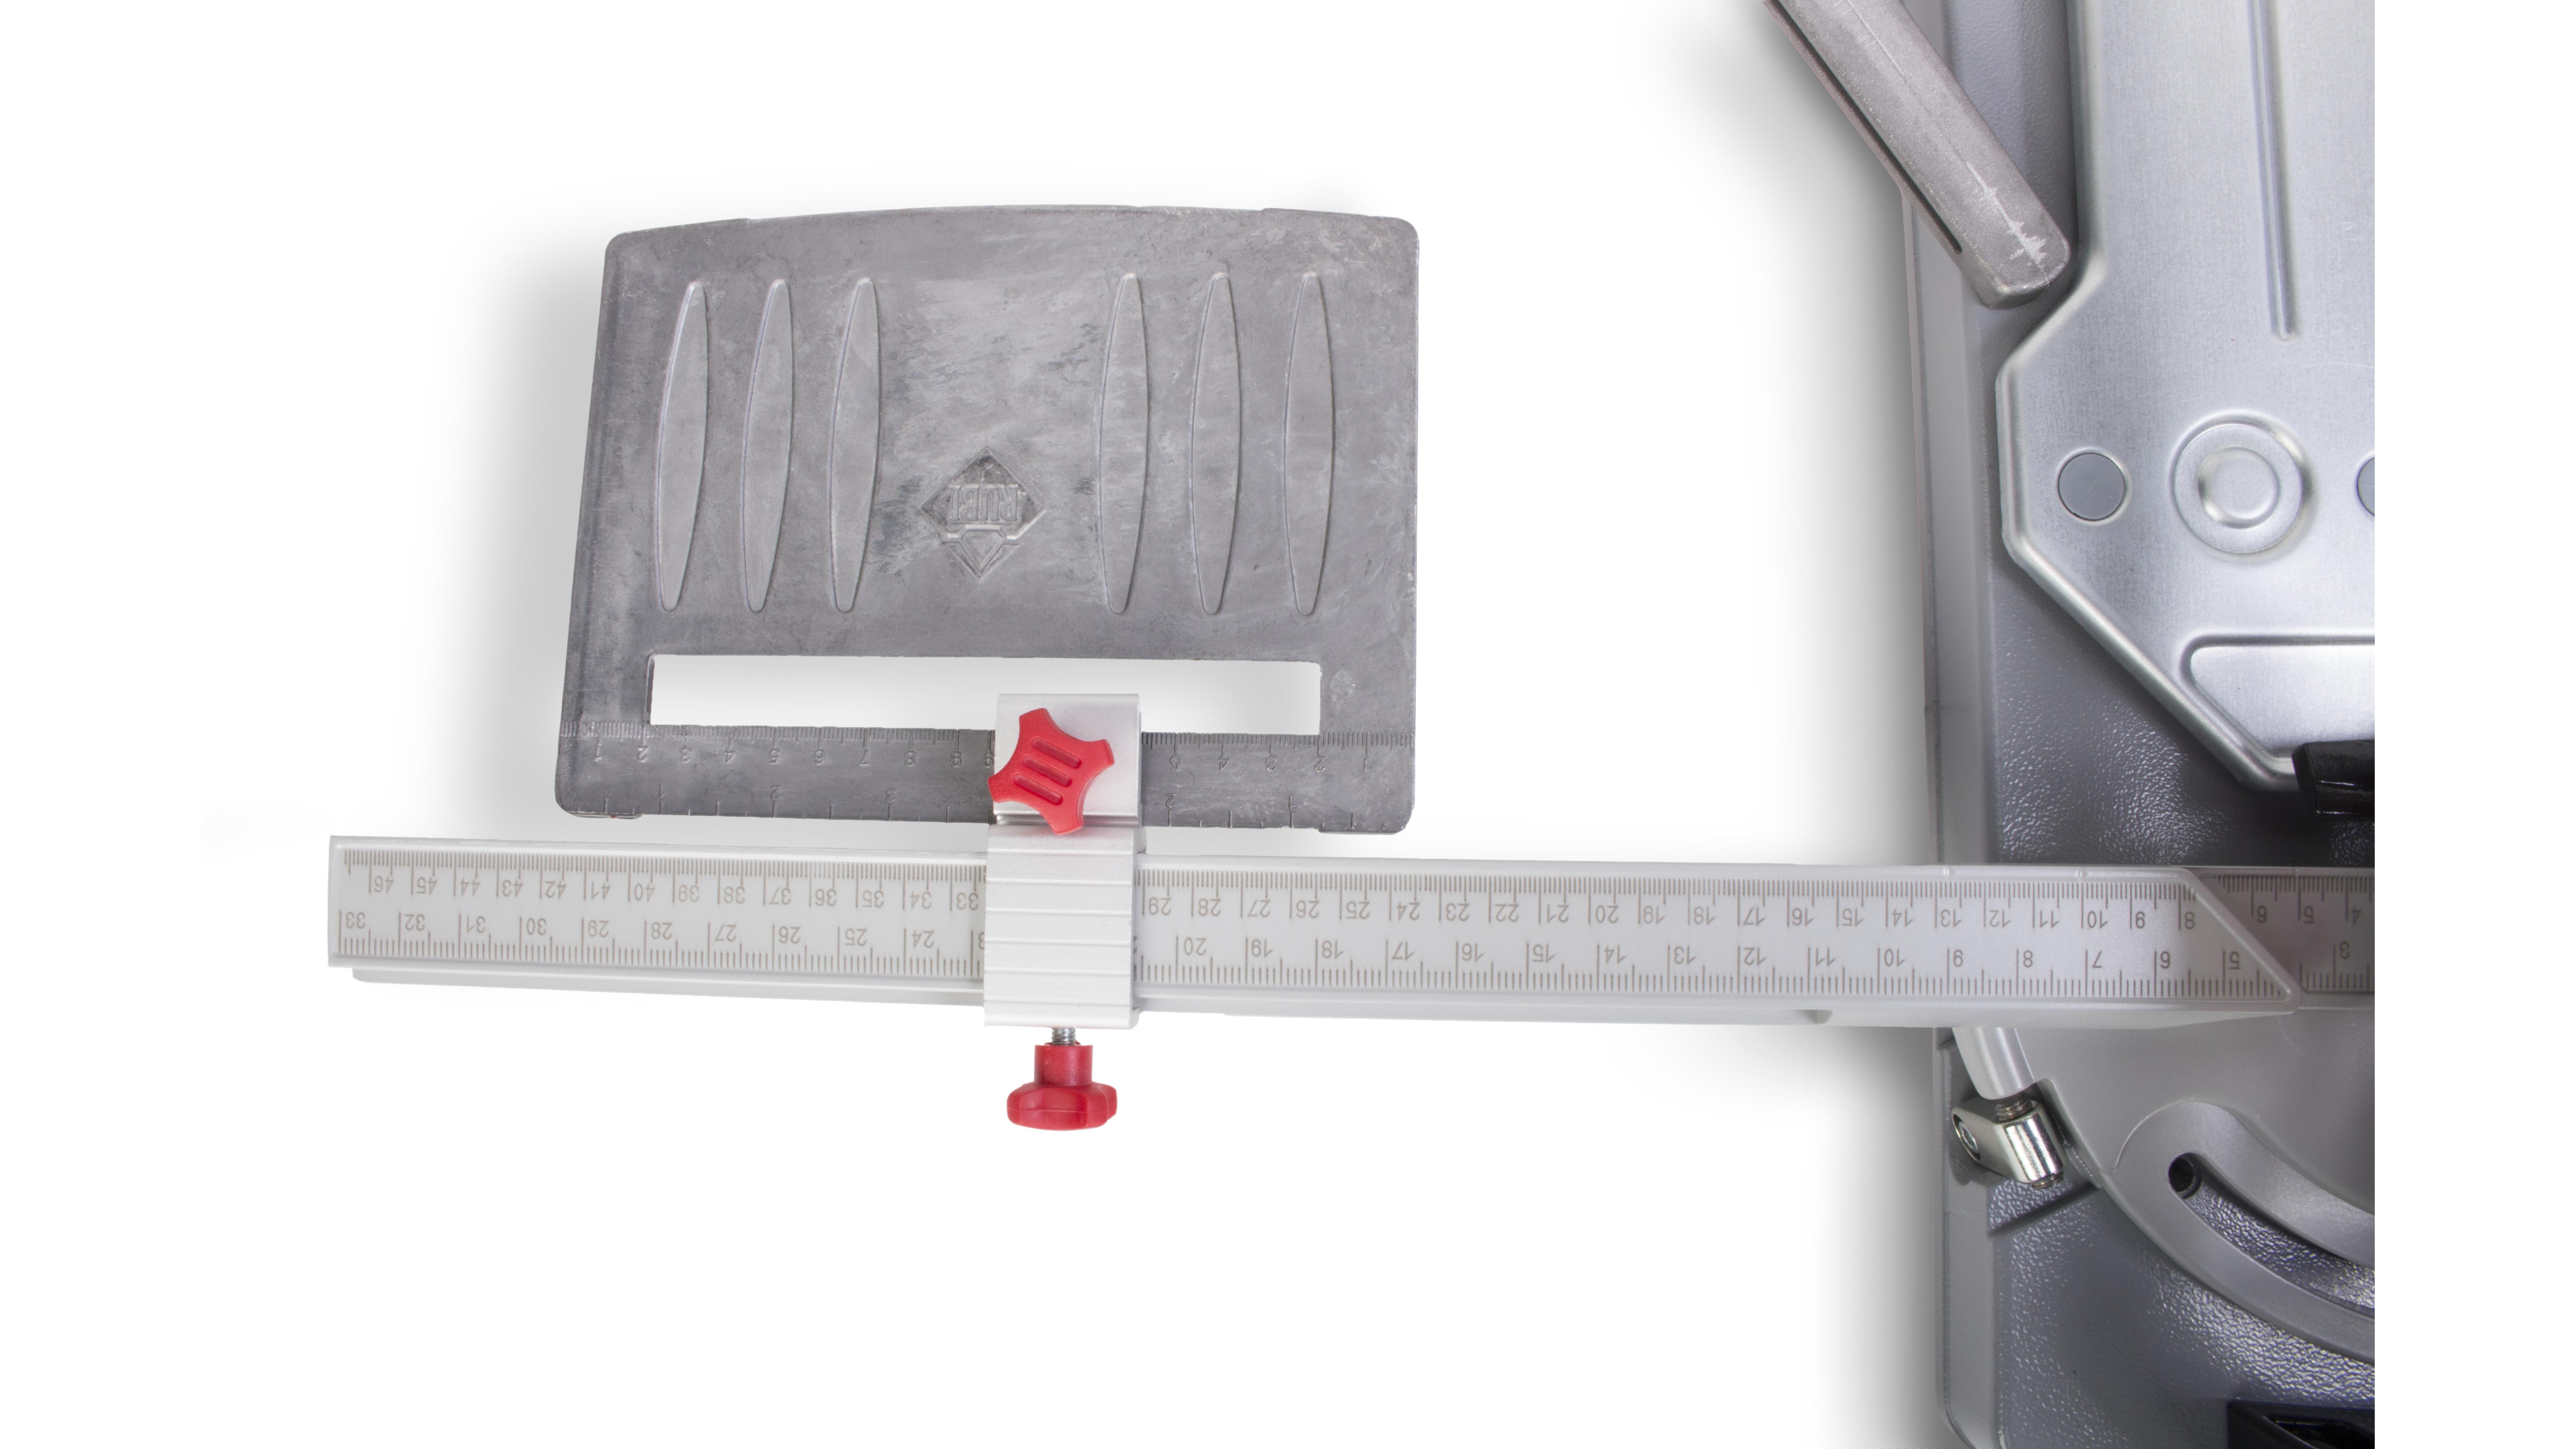 Cortadoras manuales tr s rubi tools espa a rubi for Hormigon impreso rubi